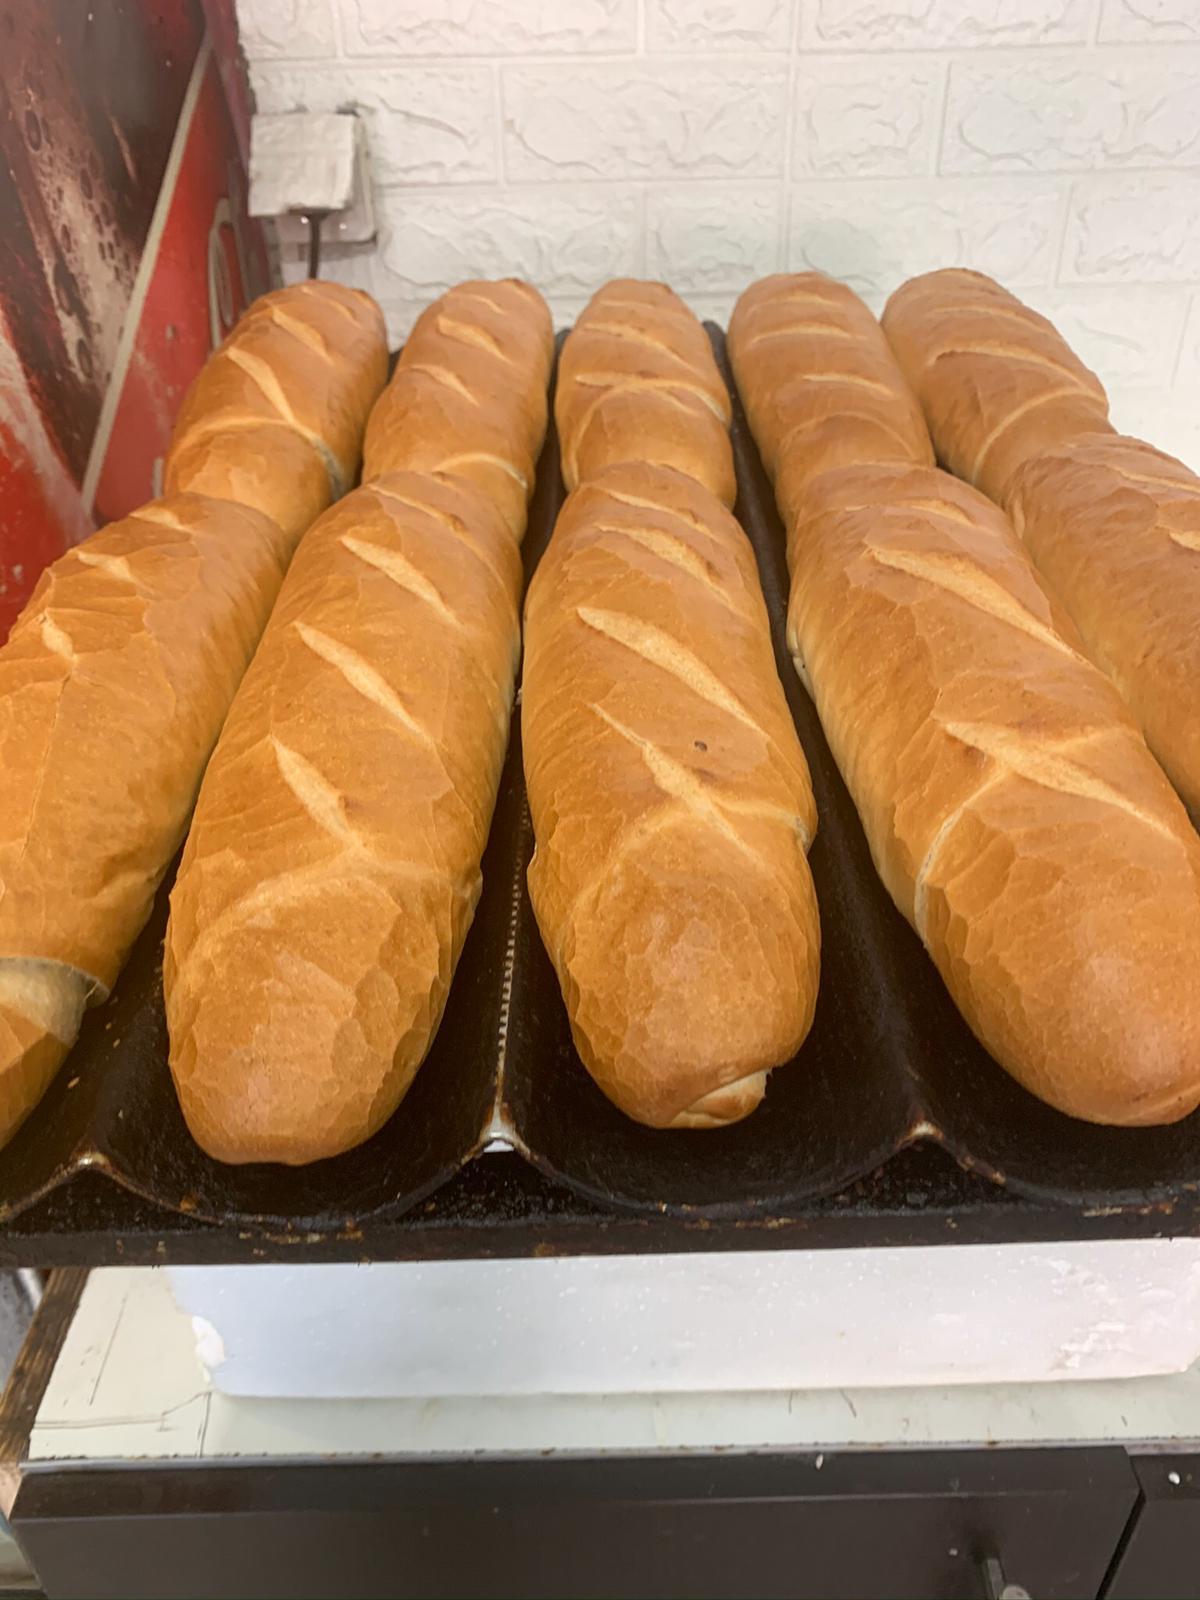 مخبز اخوان كحيل بيافا لأجود أنواع الخبز والمعجنات